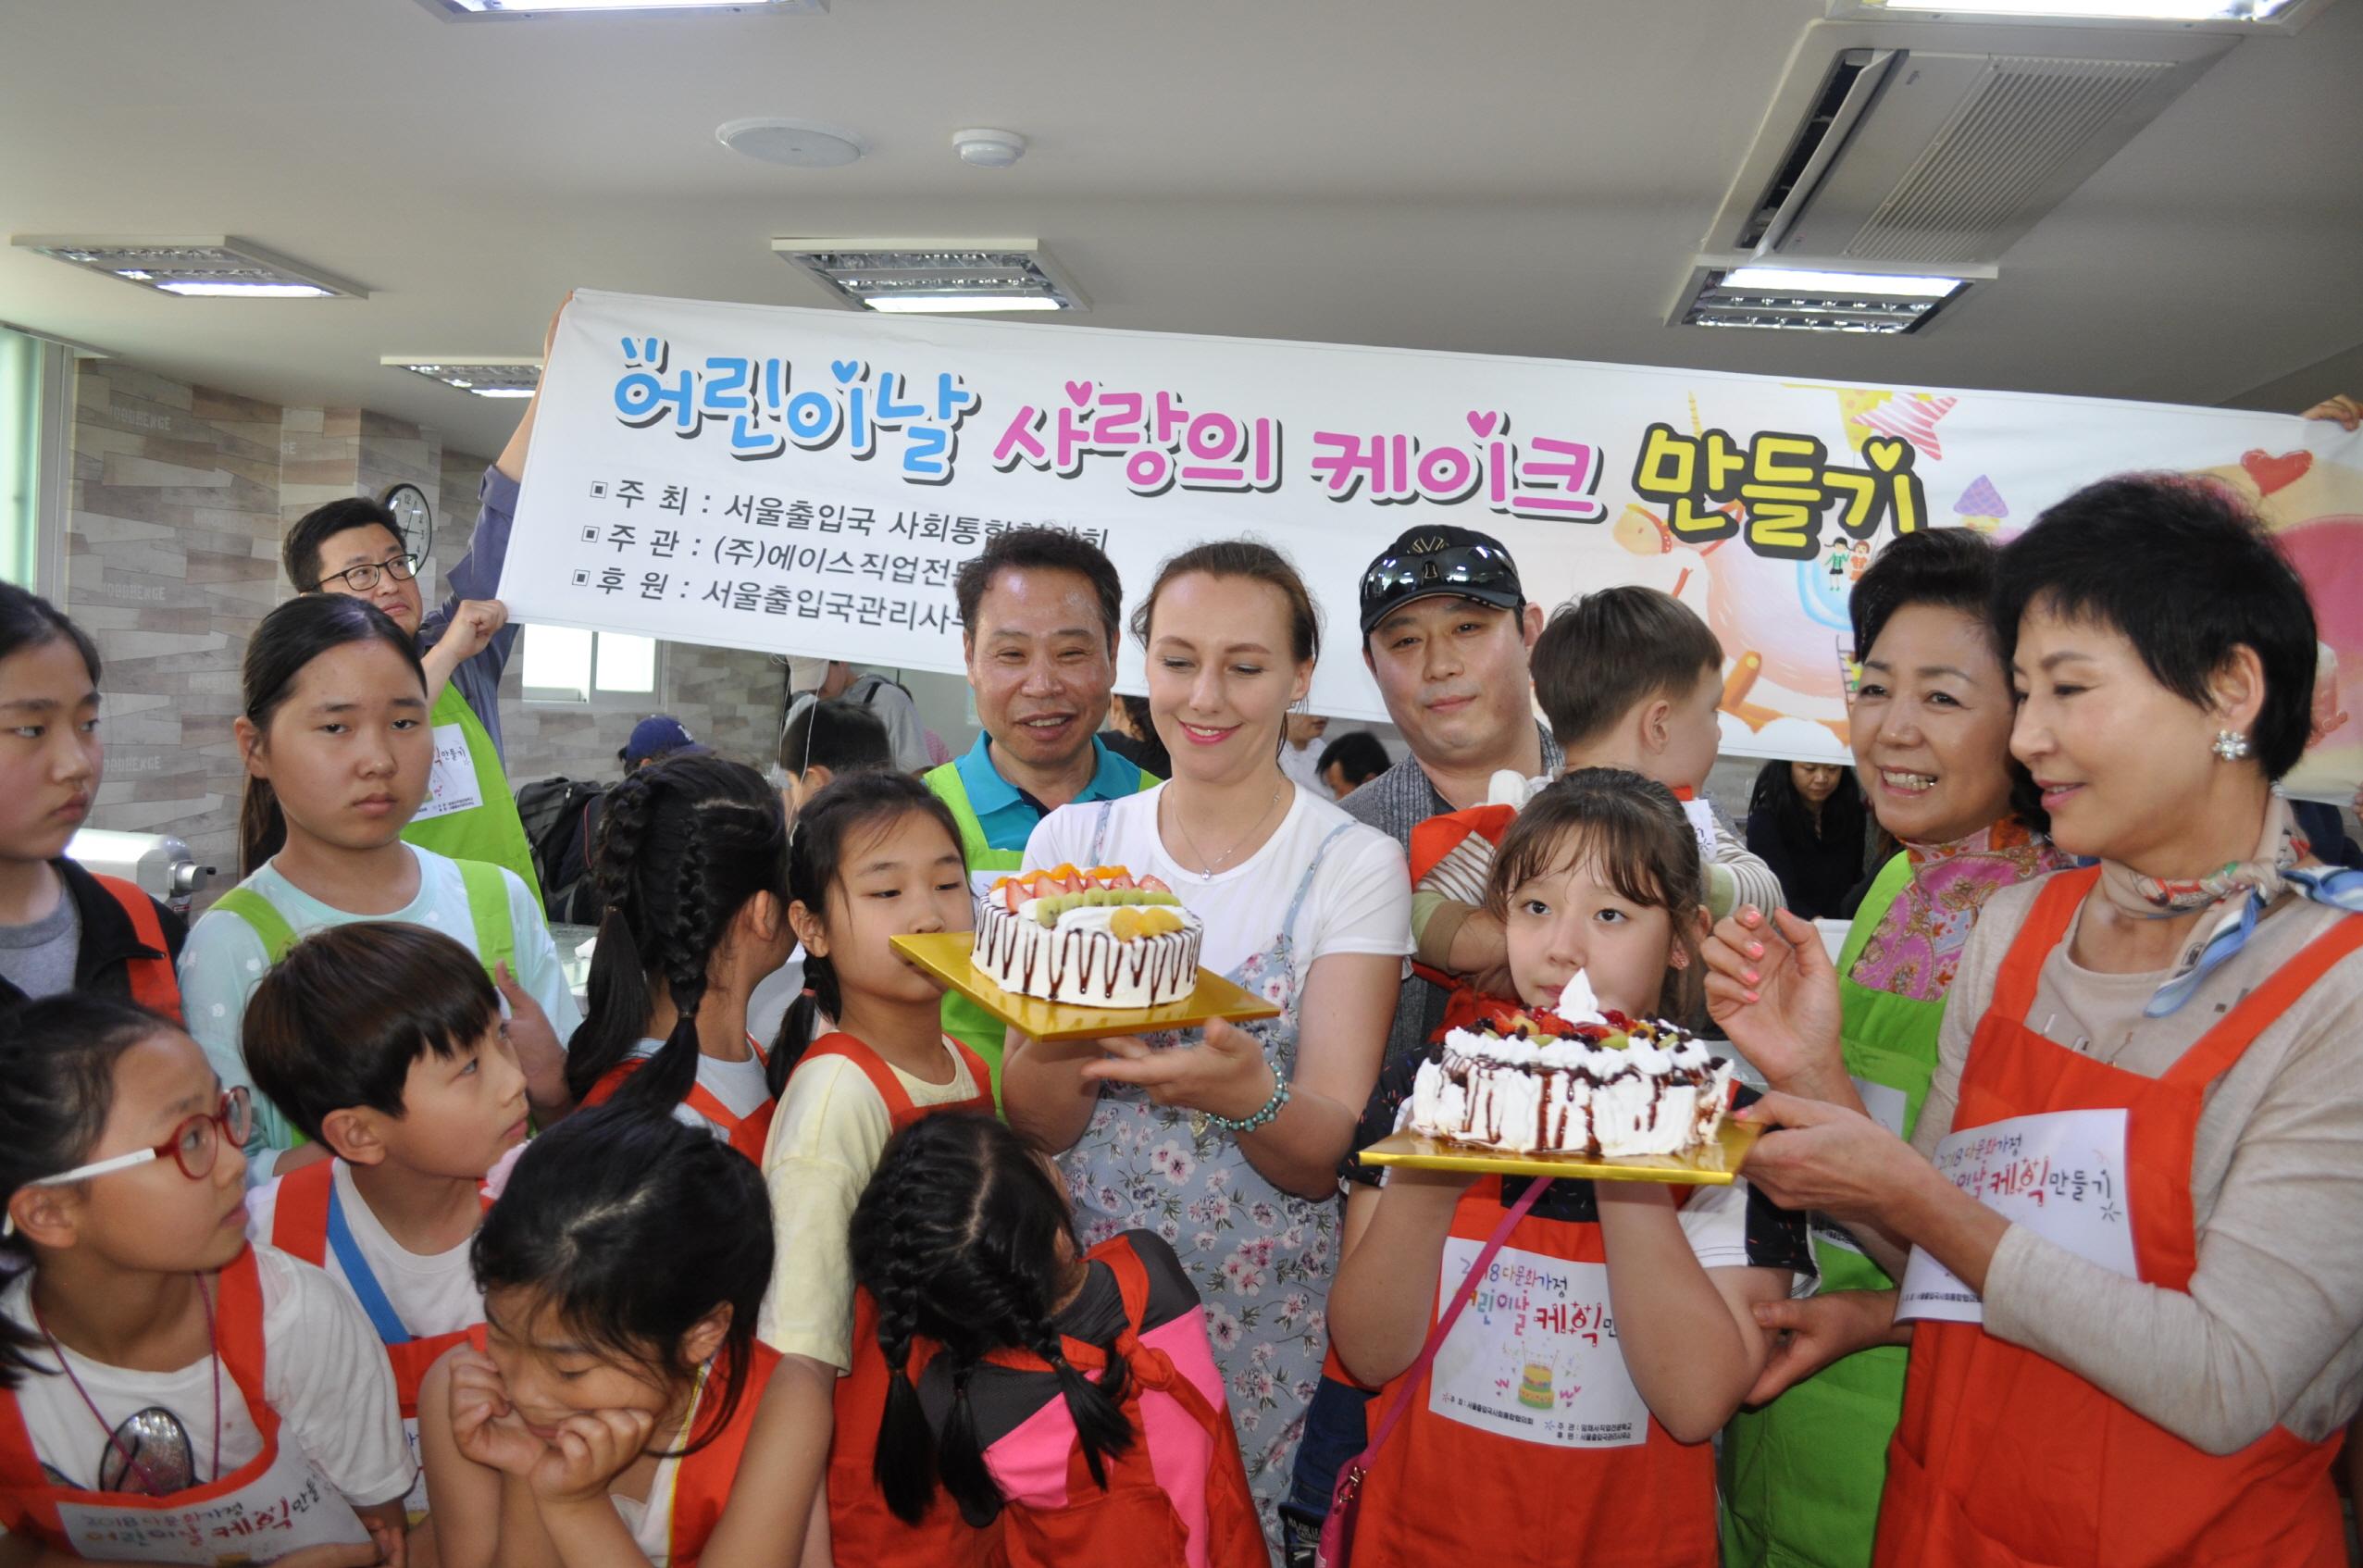 어린이날 사랑의 케이크 만들기 행사 개최(서울출입국) 사진 1